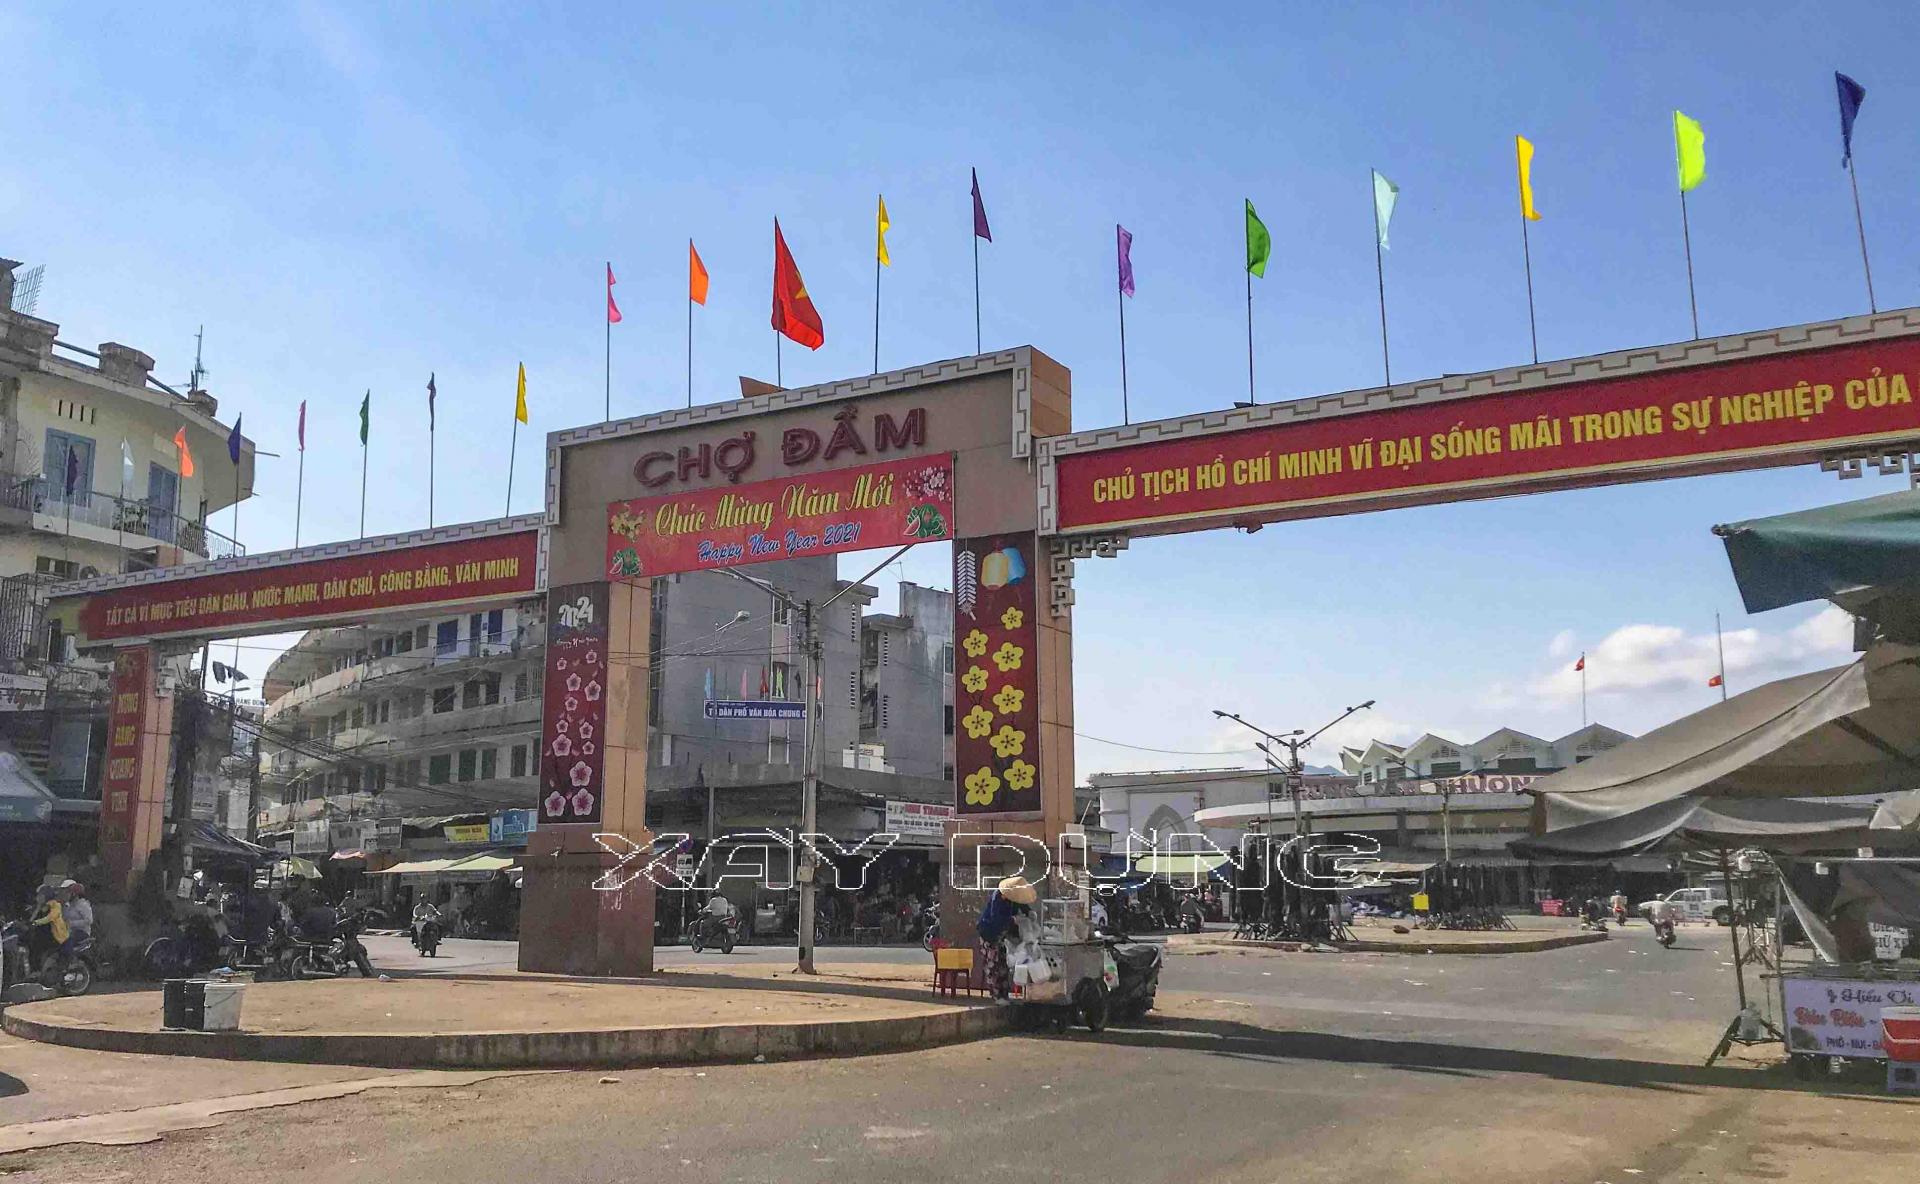 Khánh Hòa: Đóng cửa chợ Đầm – Đóng cửa một biểu tượng công trình kiến trúc độc đáo